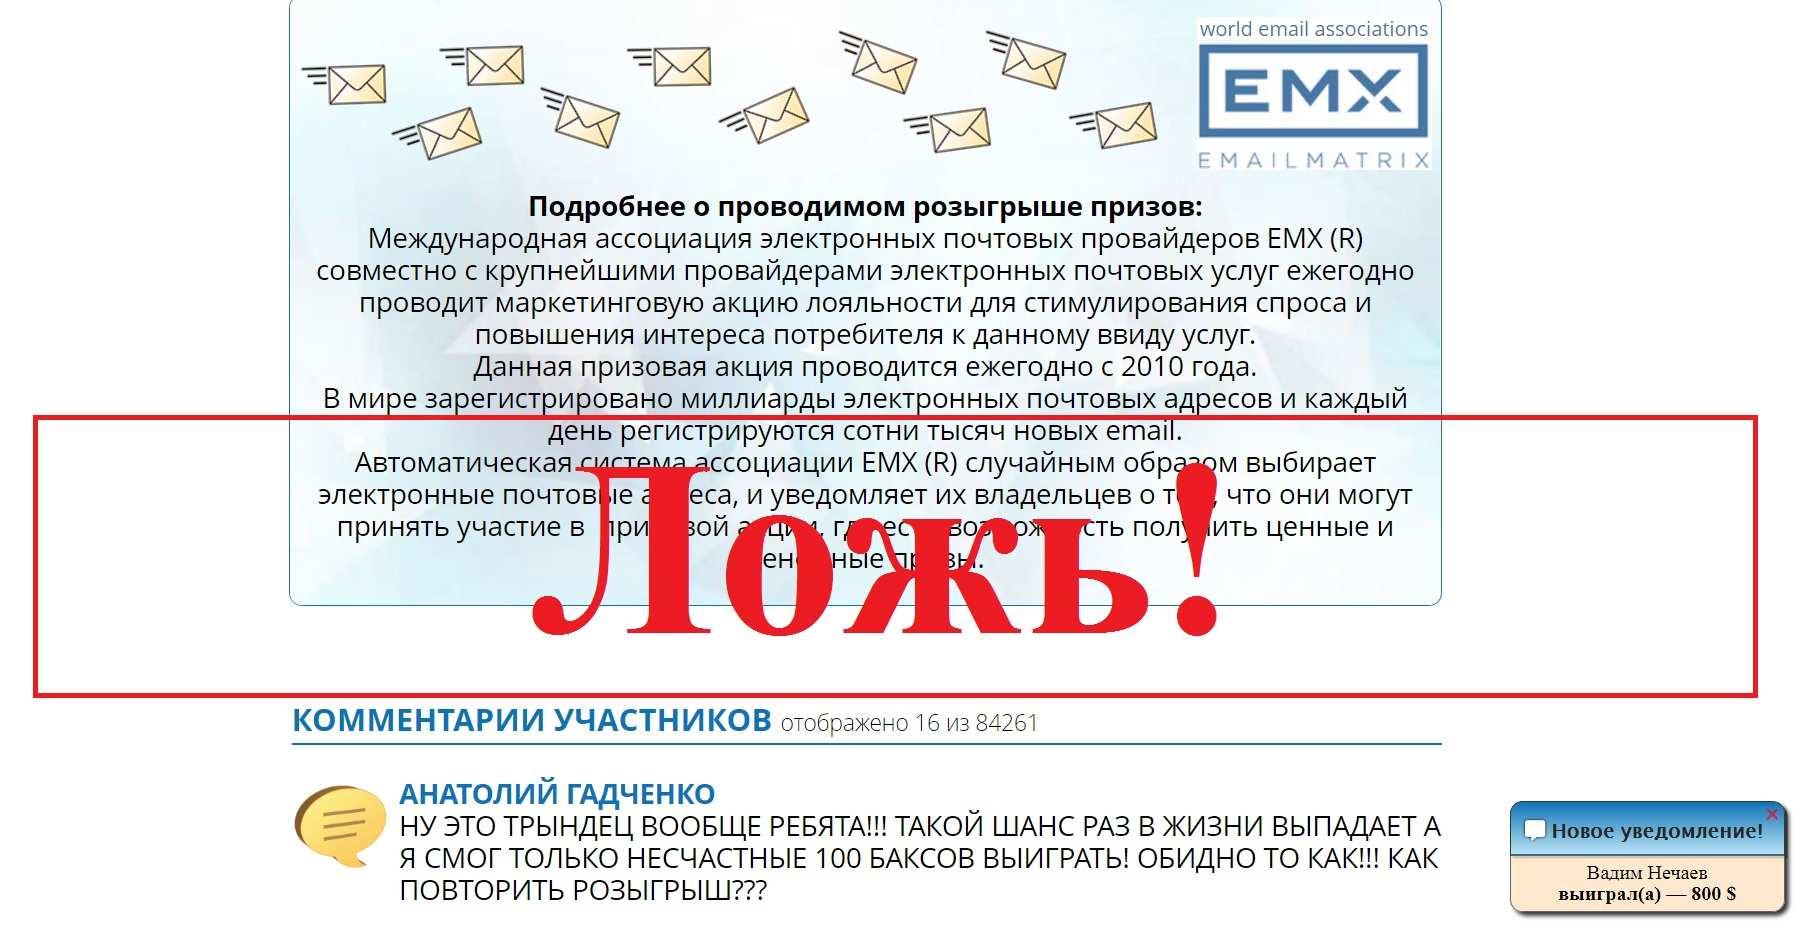 Bonus E-mail – ежегодный розыгрыш призов для пользователей электронной почты